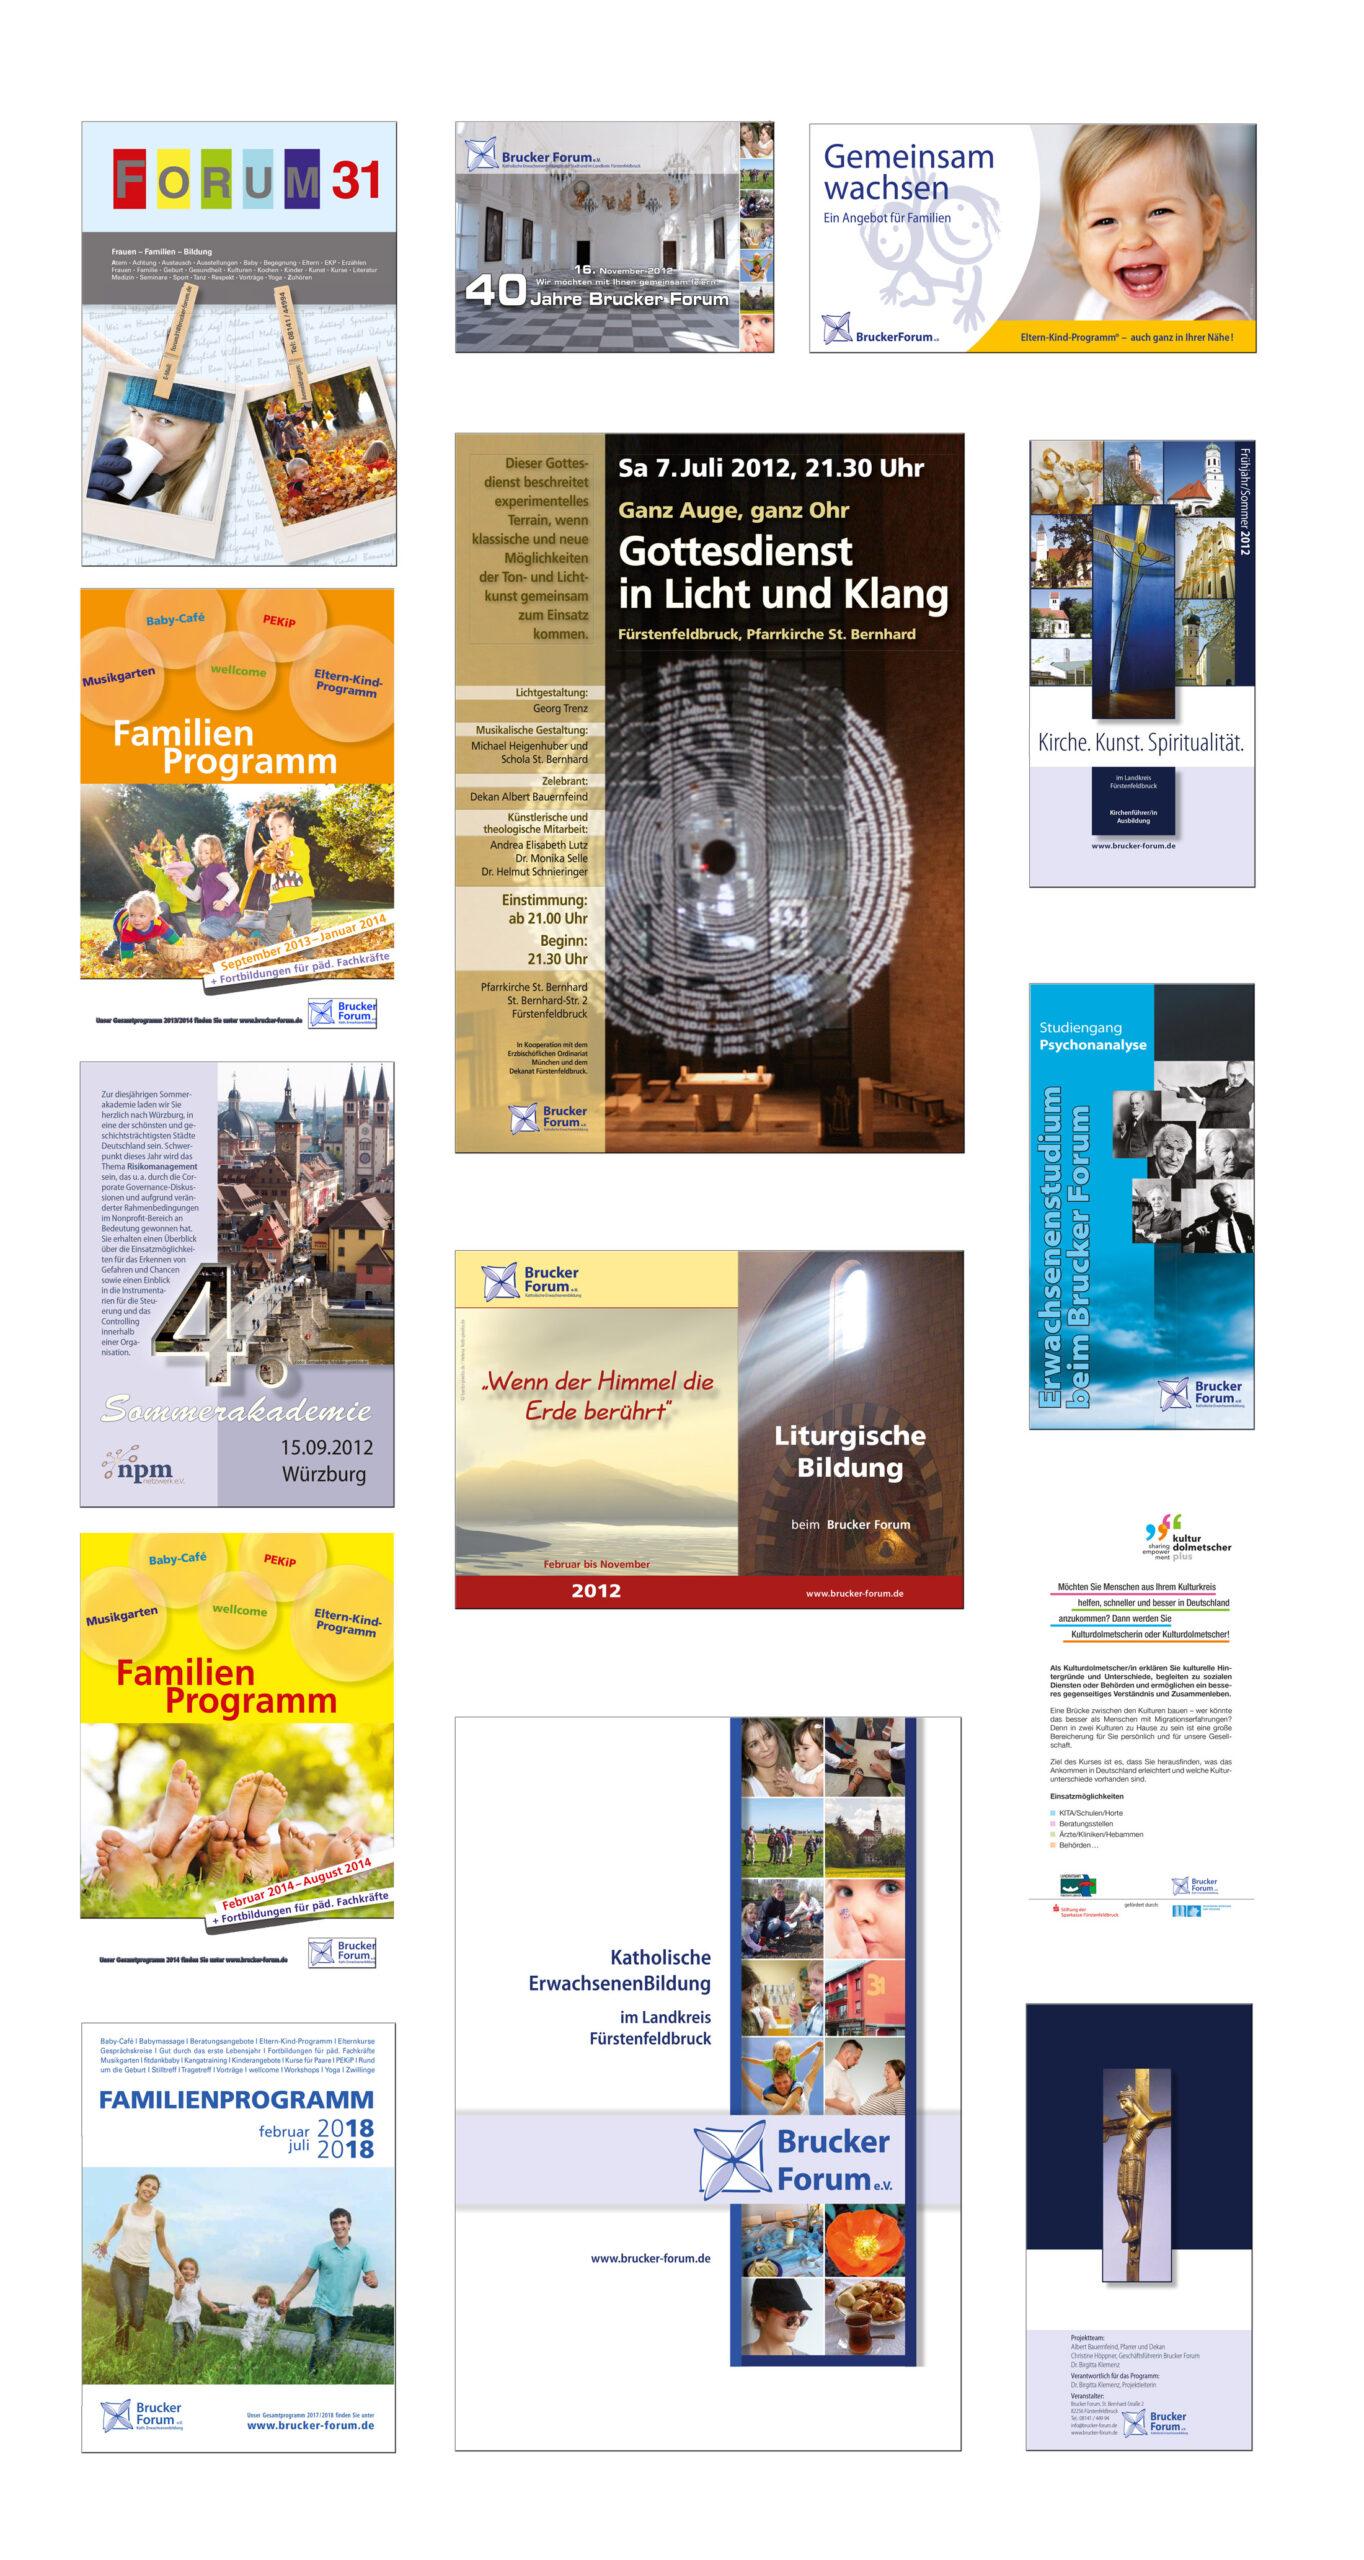 brucker-forum-design-meets-web-web-grafik-print-werbetechnik-muenchen-markt-schwaben